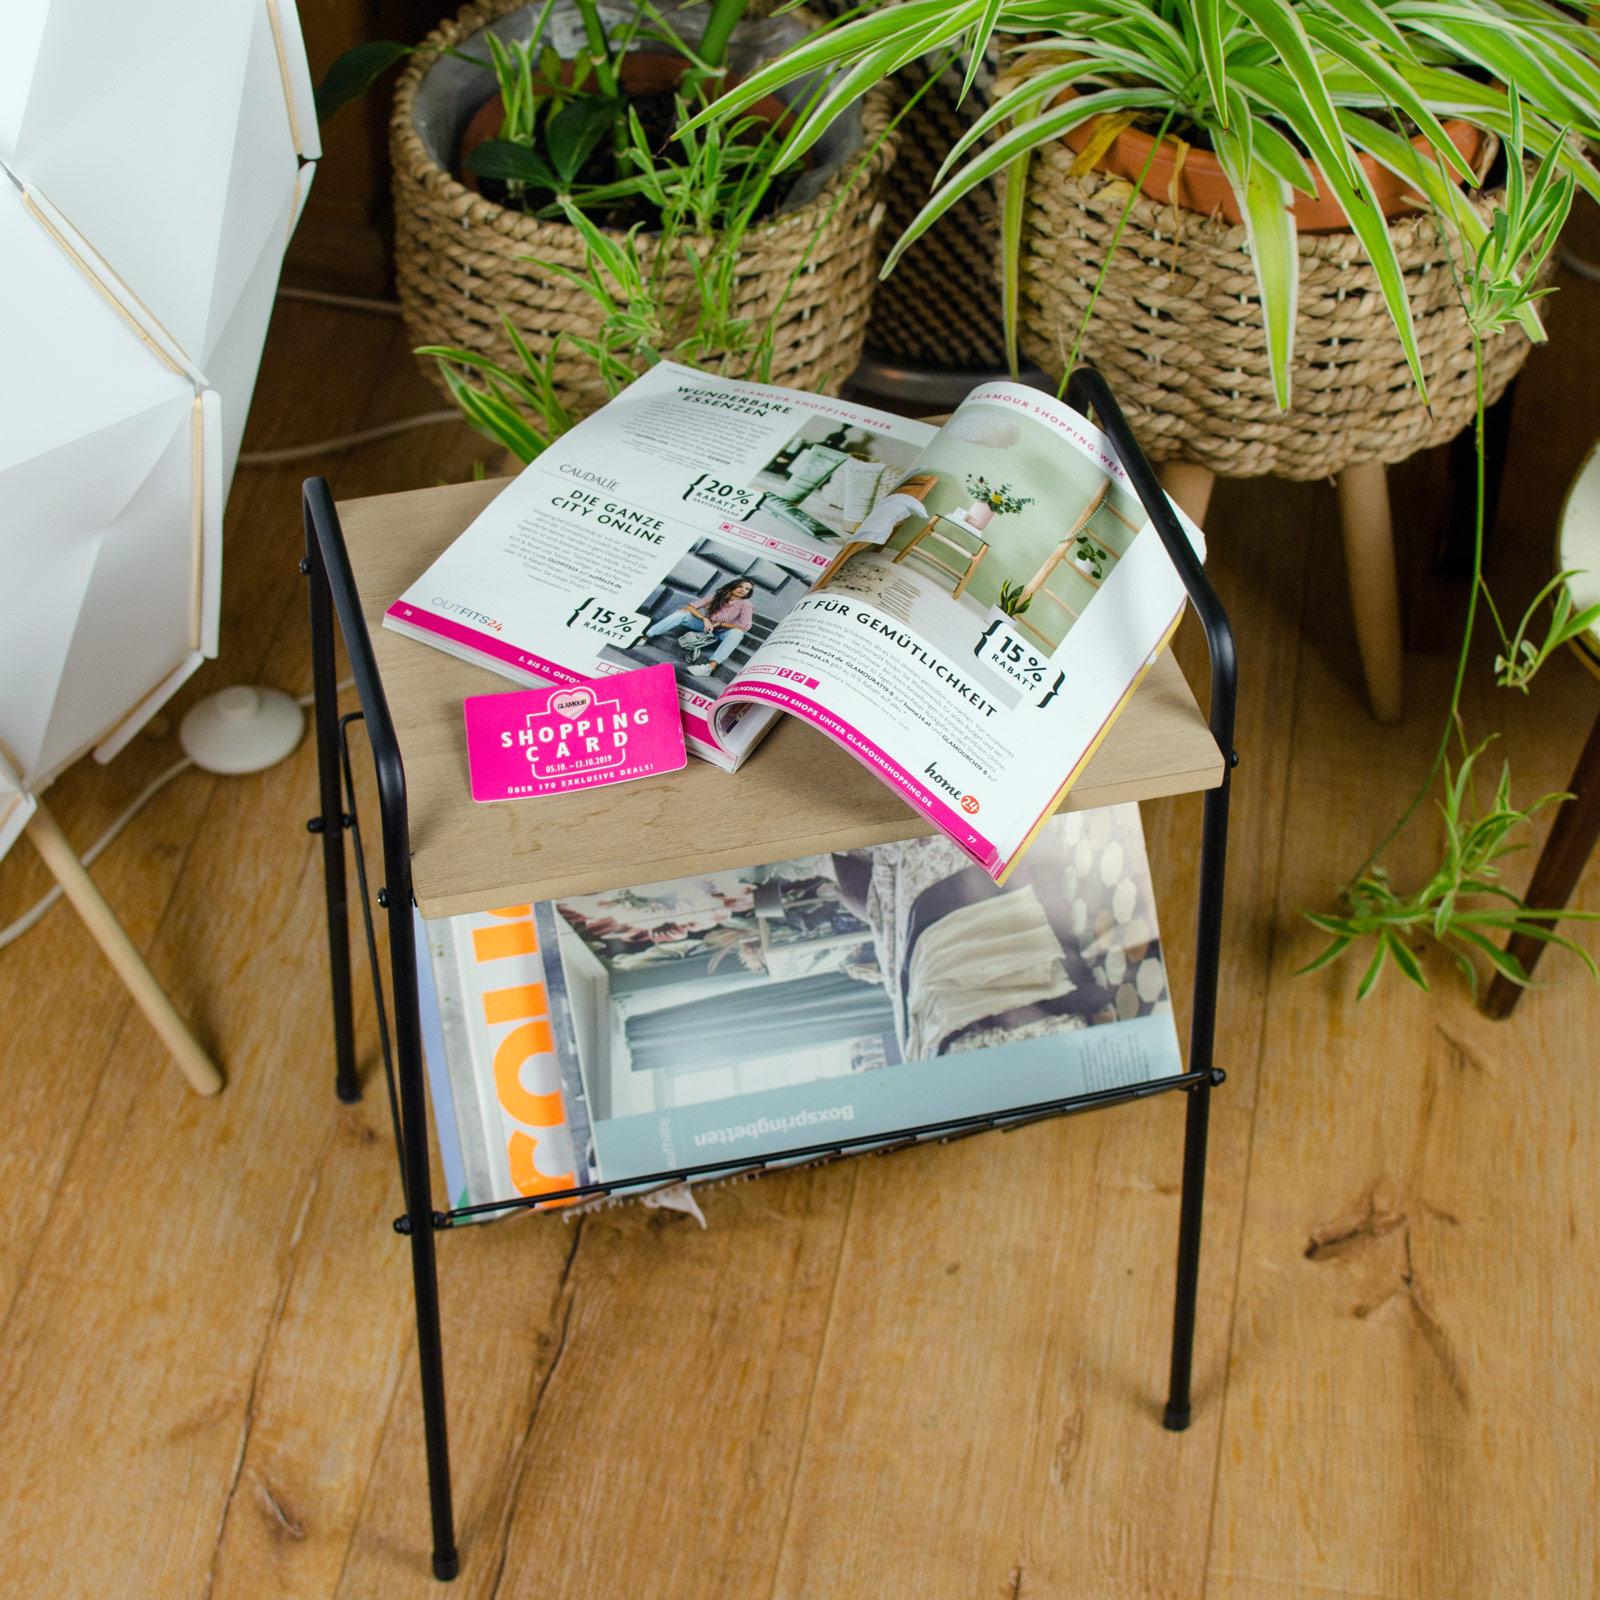 Shopping Tipps zur Glamour Shopping Week [beinhaltet werbung]| Die besten Interior- & Deko-Tipps zur GSW